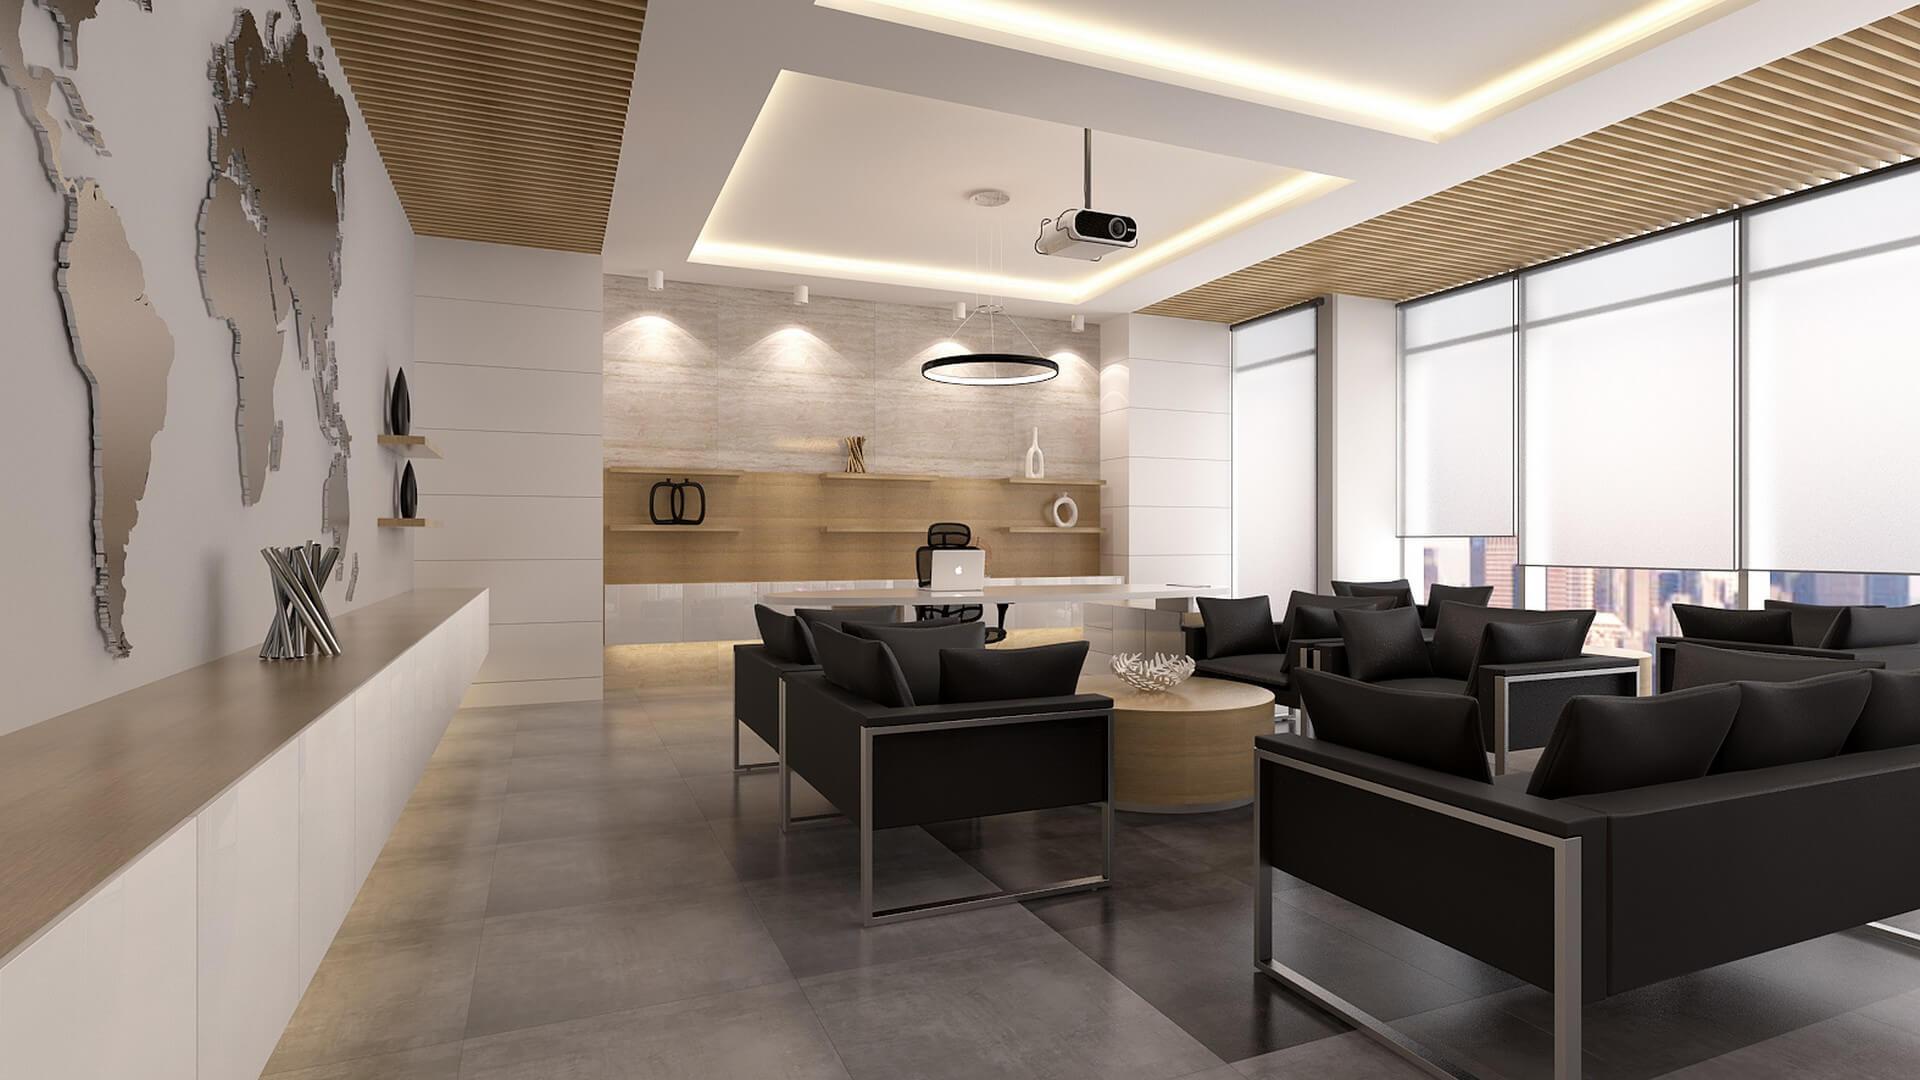 Hotel Architecture and Interior Design Kuta Office